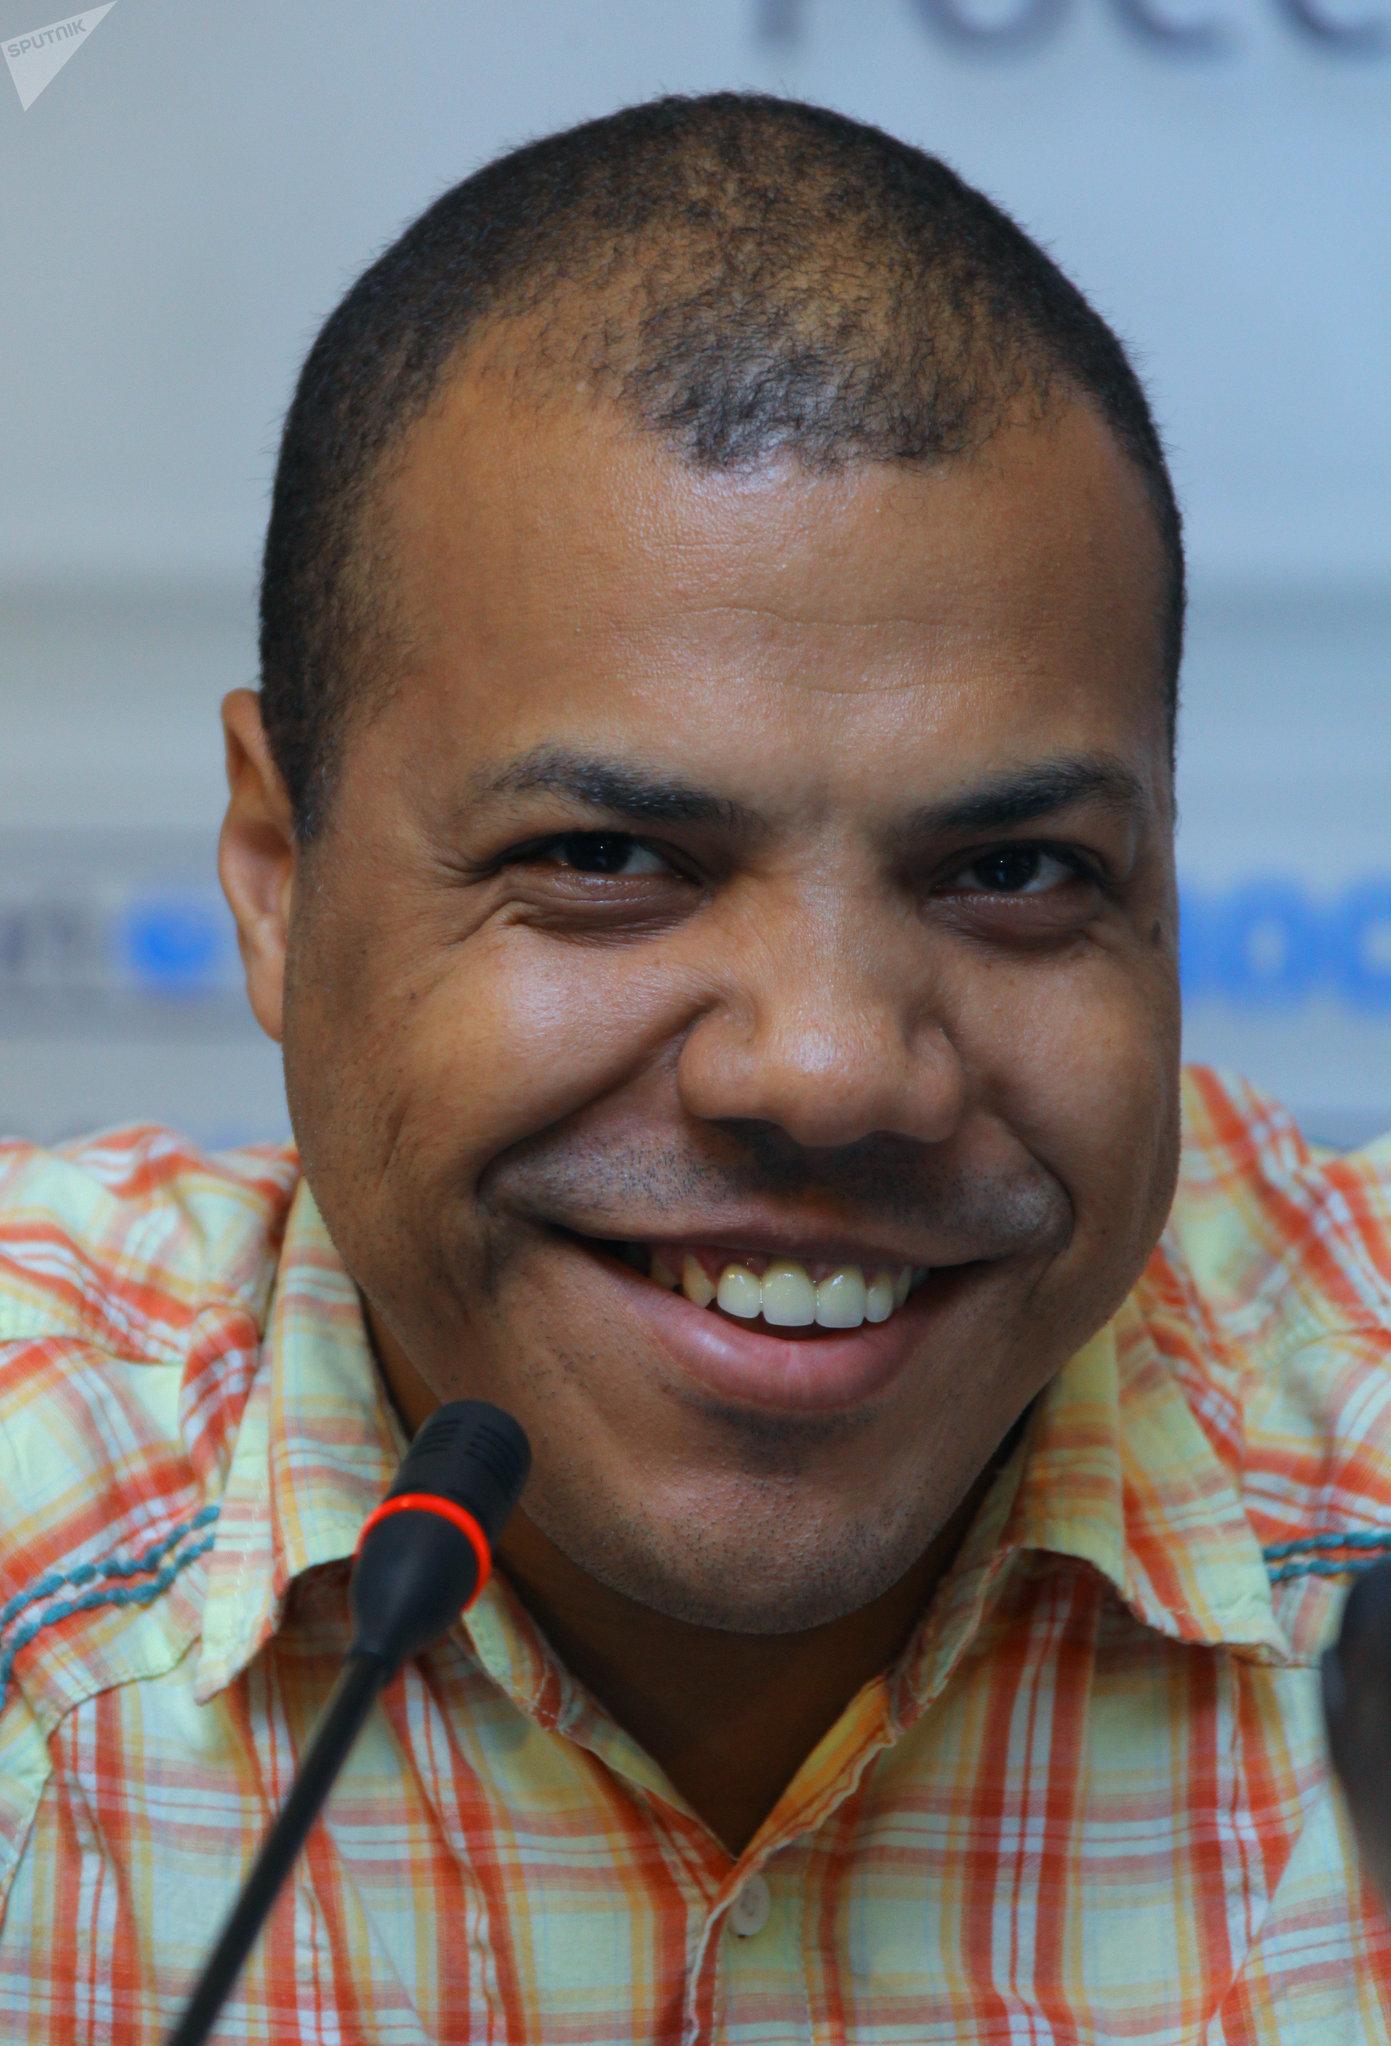 El afrodescendiente y conocido bloguero de Rusia Samson Sholademi